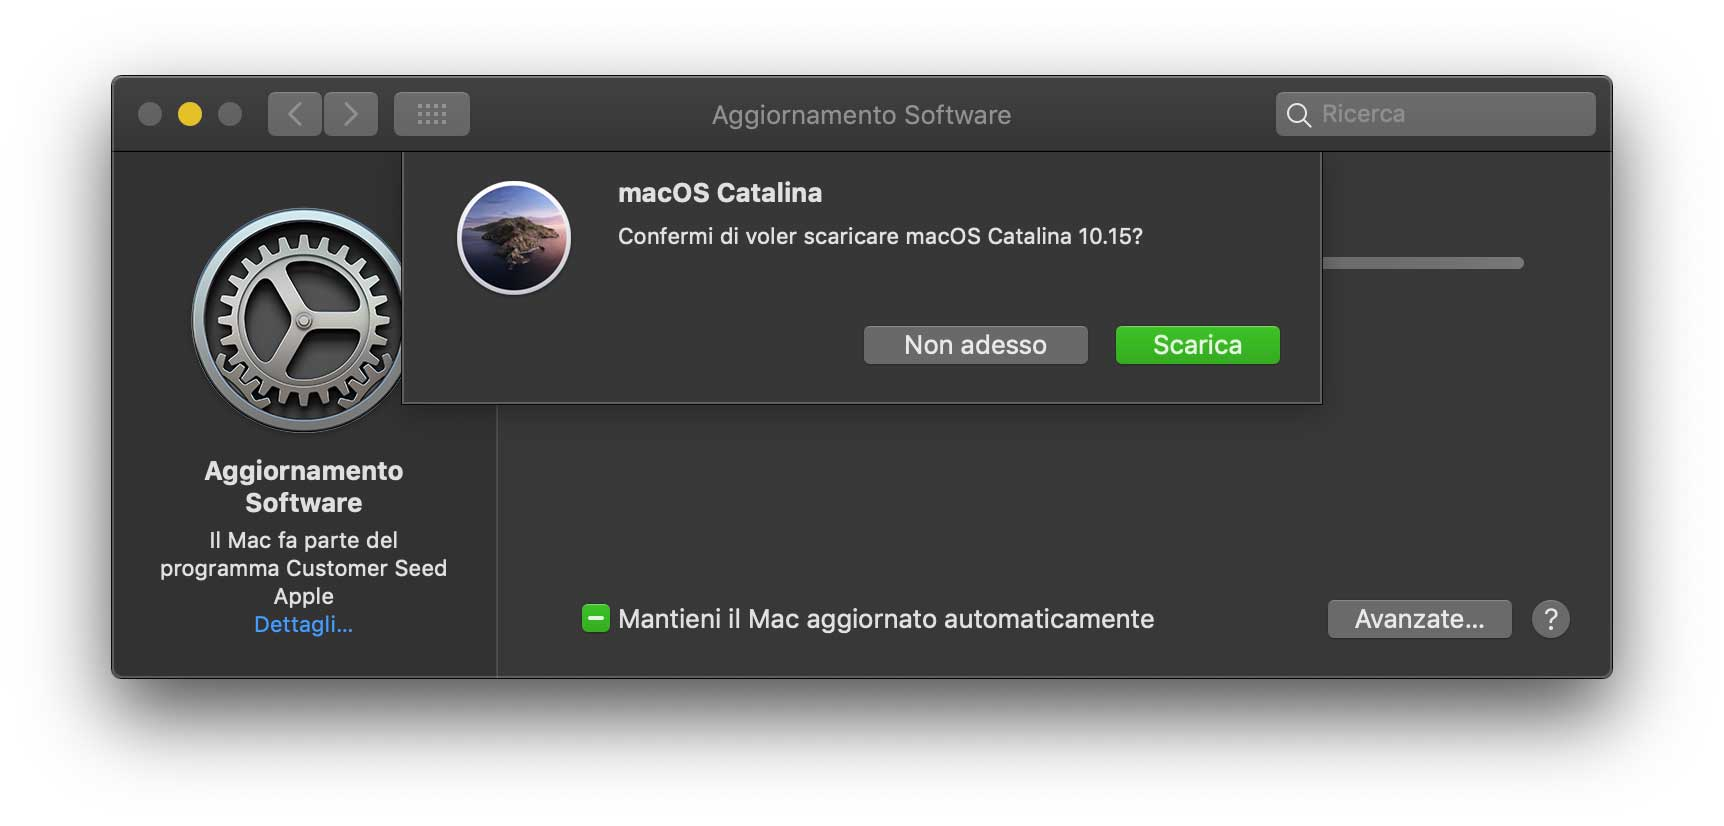 Disponibile macOS 10.15 Catalina, tutte le novità e come installarlo